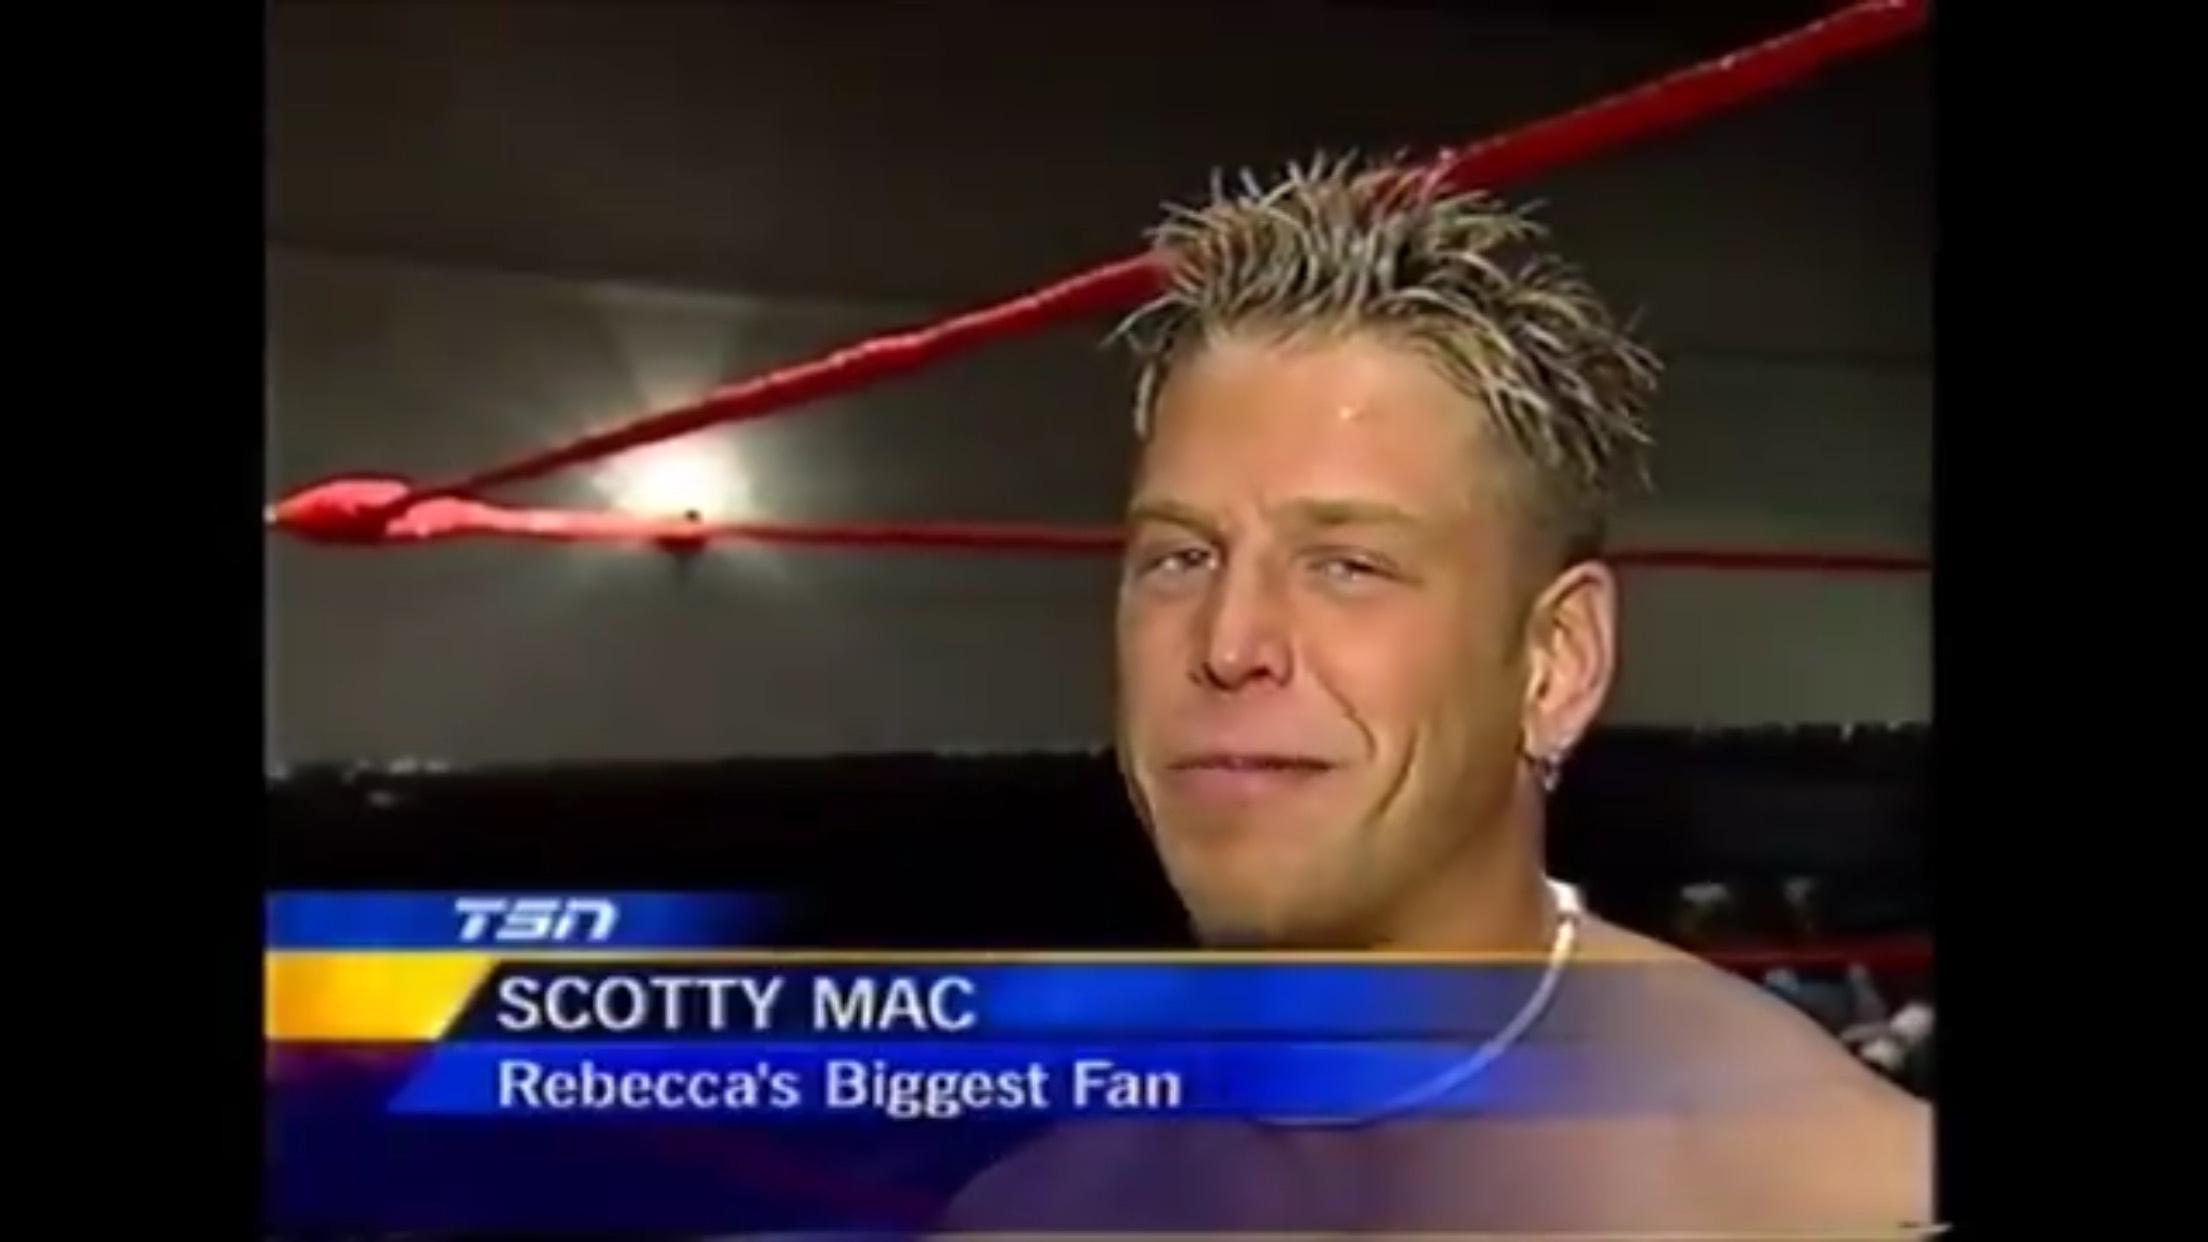 Scotty Mac: Rebecca's Biggest Fan